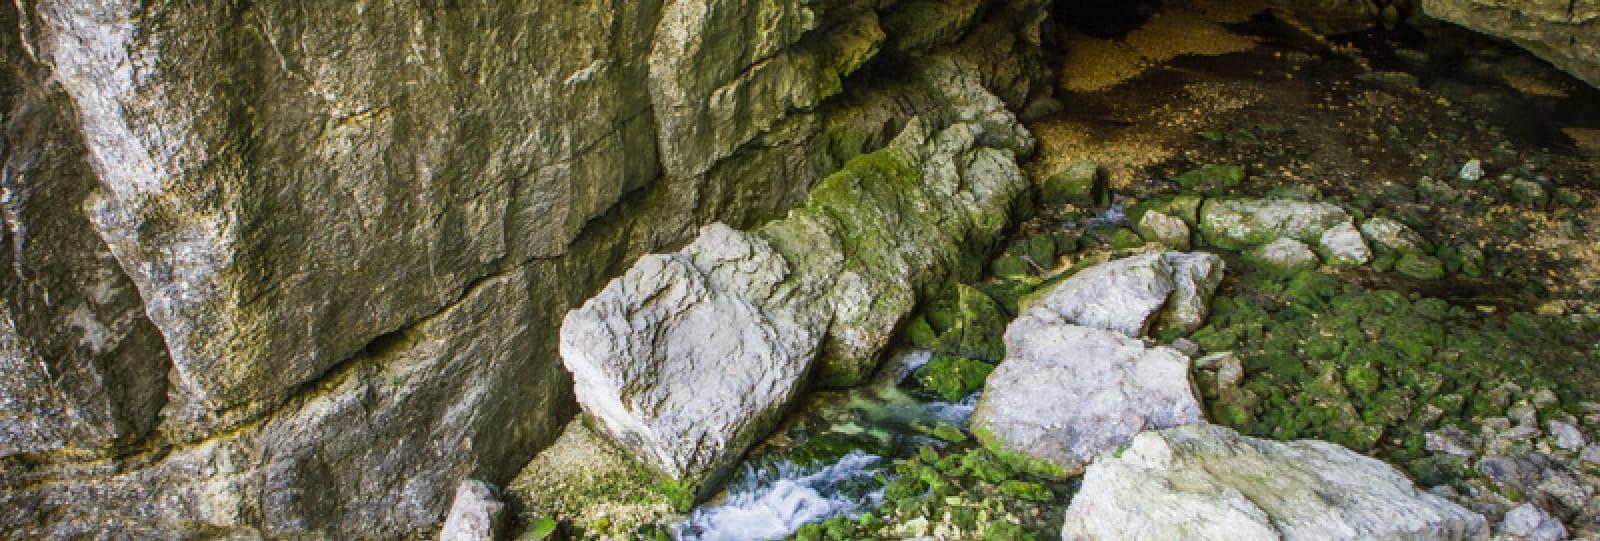 Grotte du Brudour